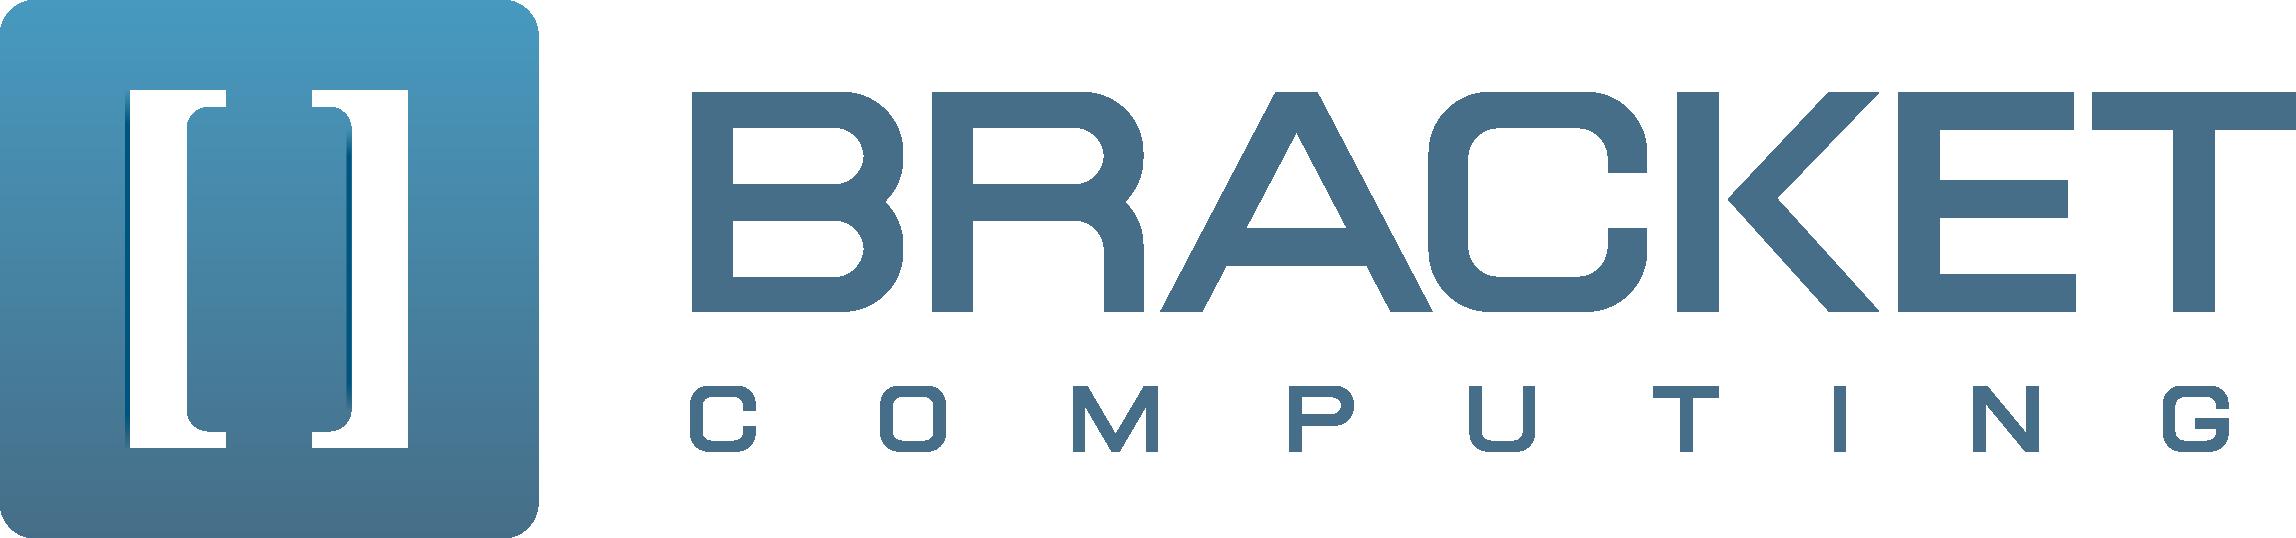 Bracket Computing Logo